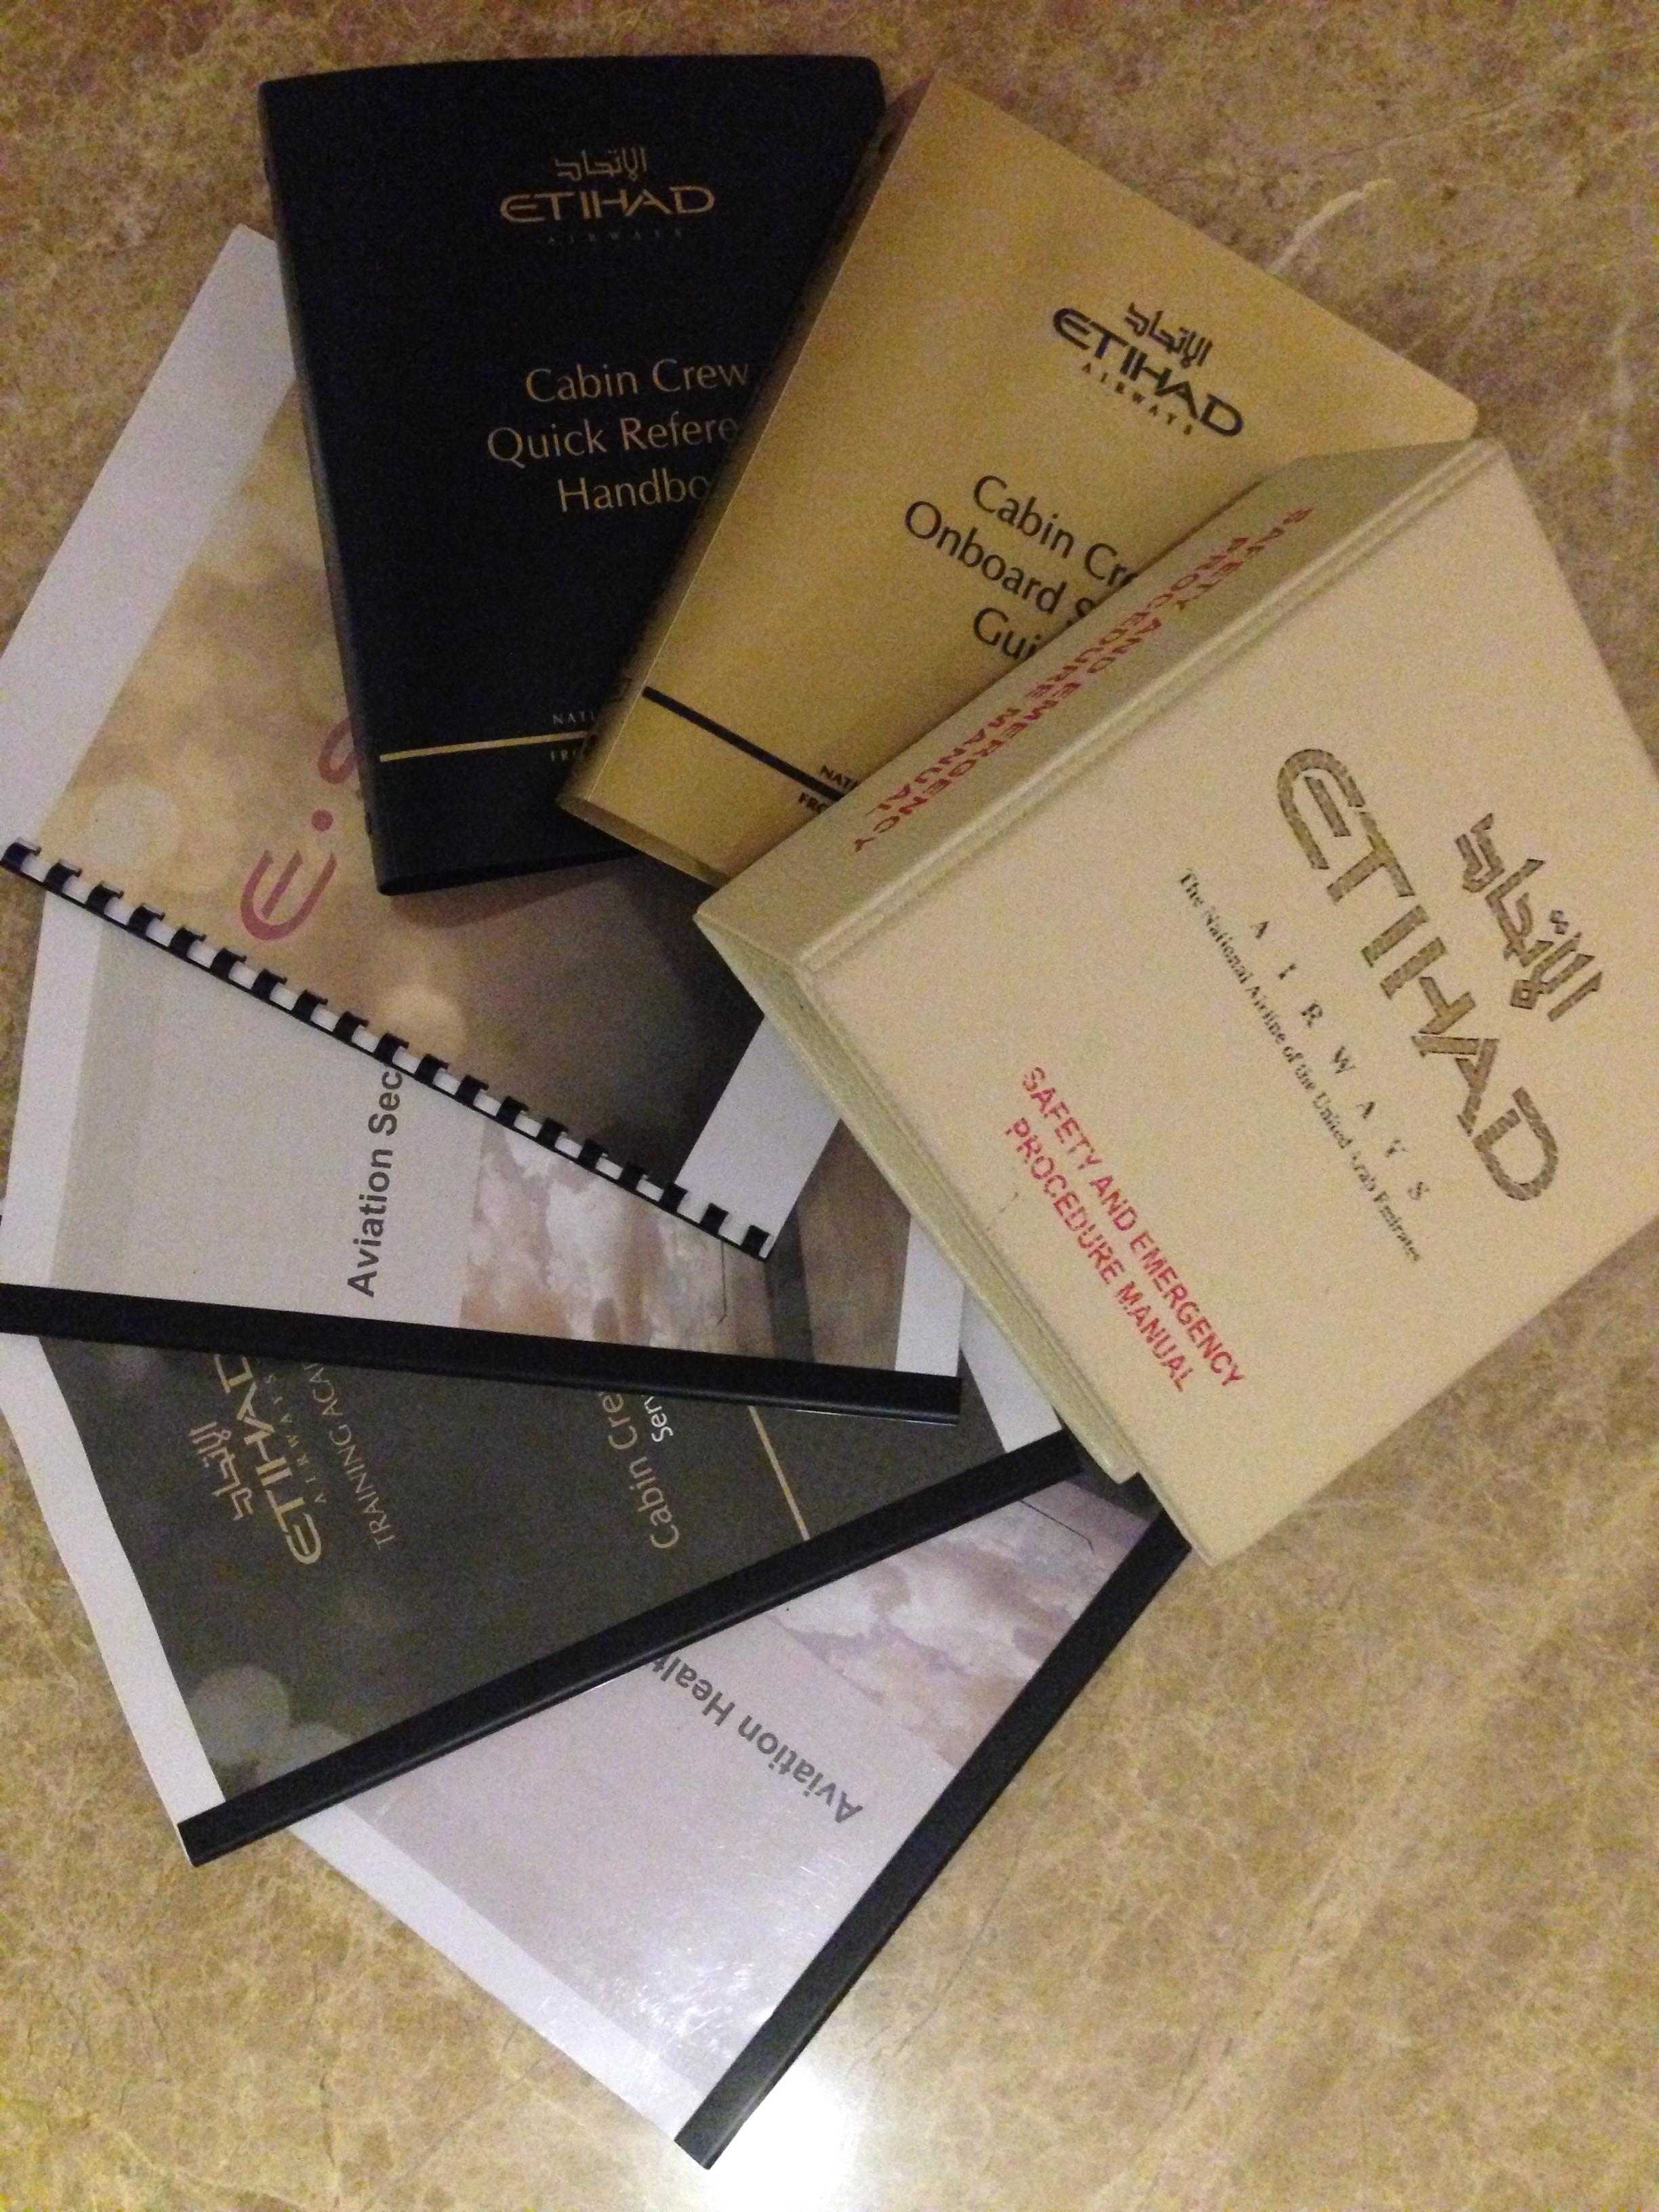 Inilah manual dan buku-buku yang harus dipelajari Arrum selama masa training. Yang mau jadi cabin crew, harus rajin membaca ya :)